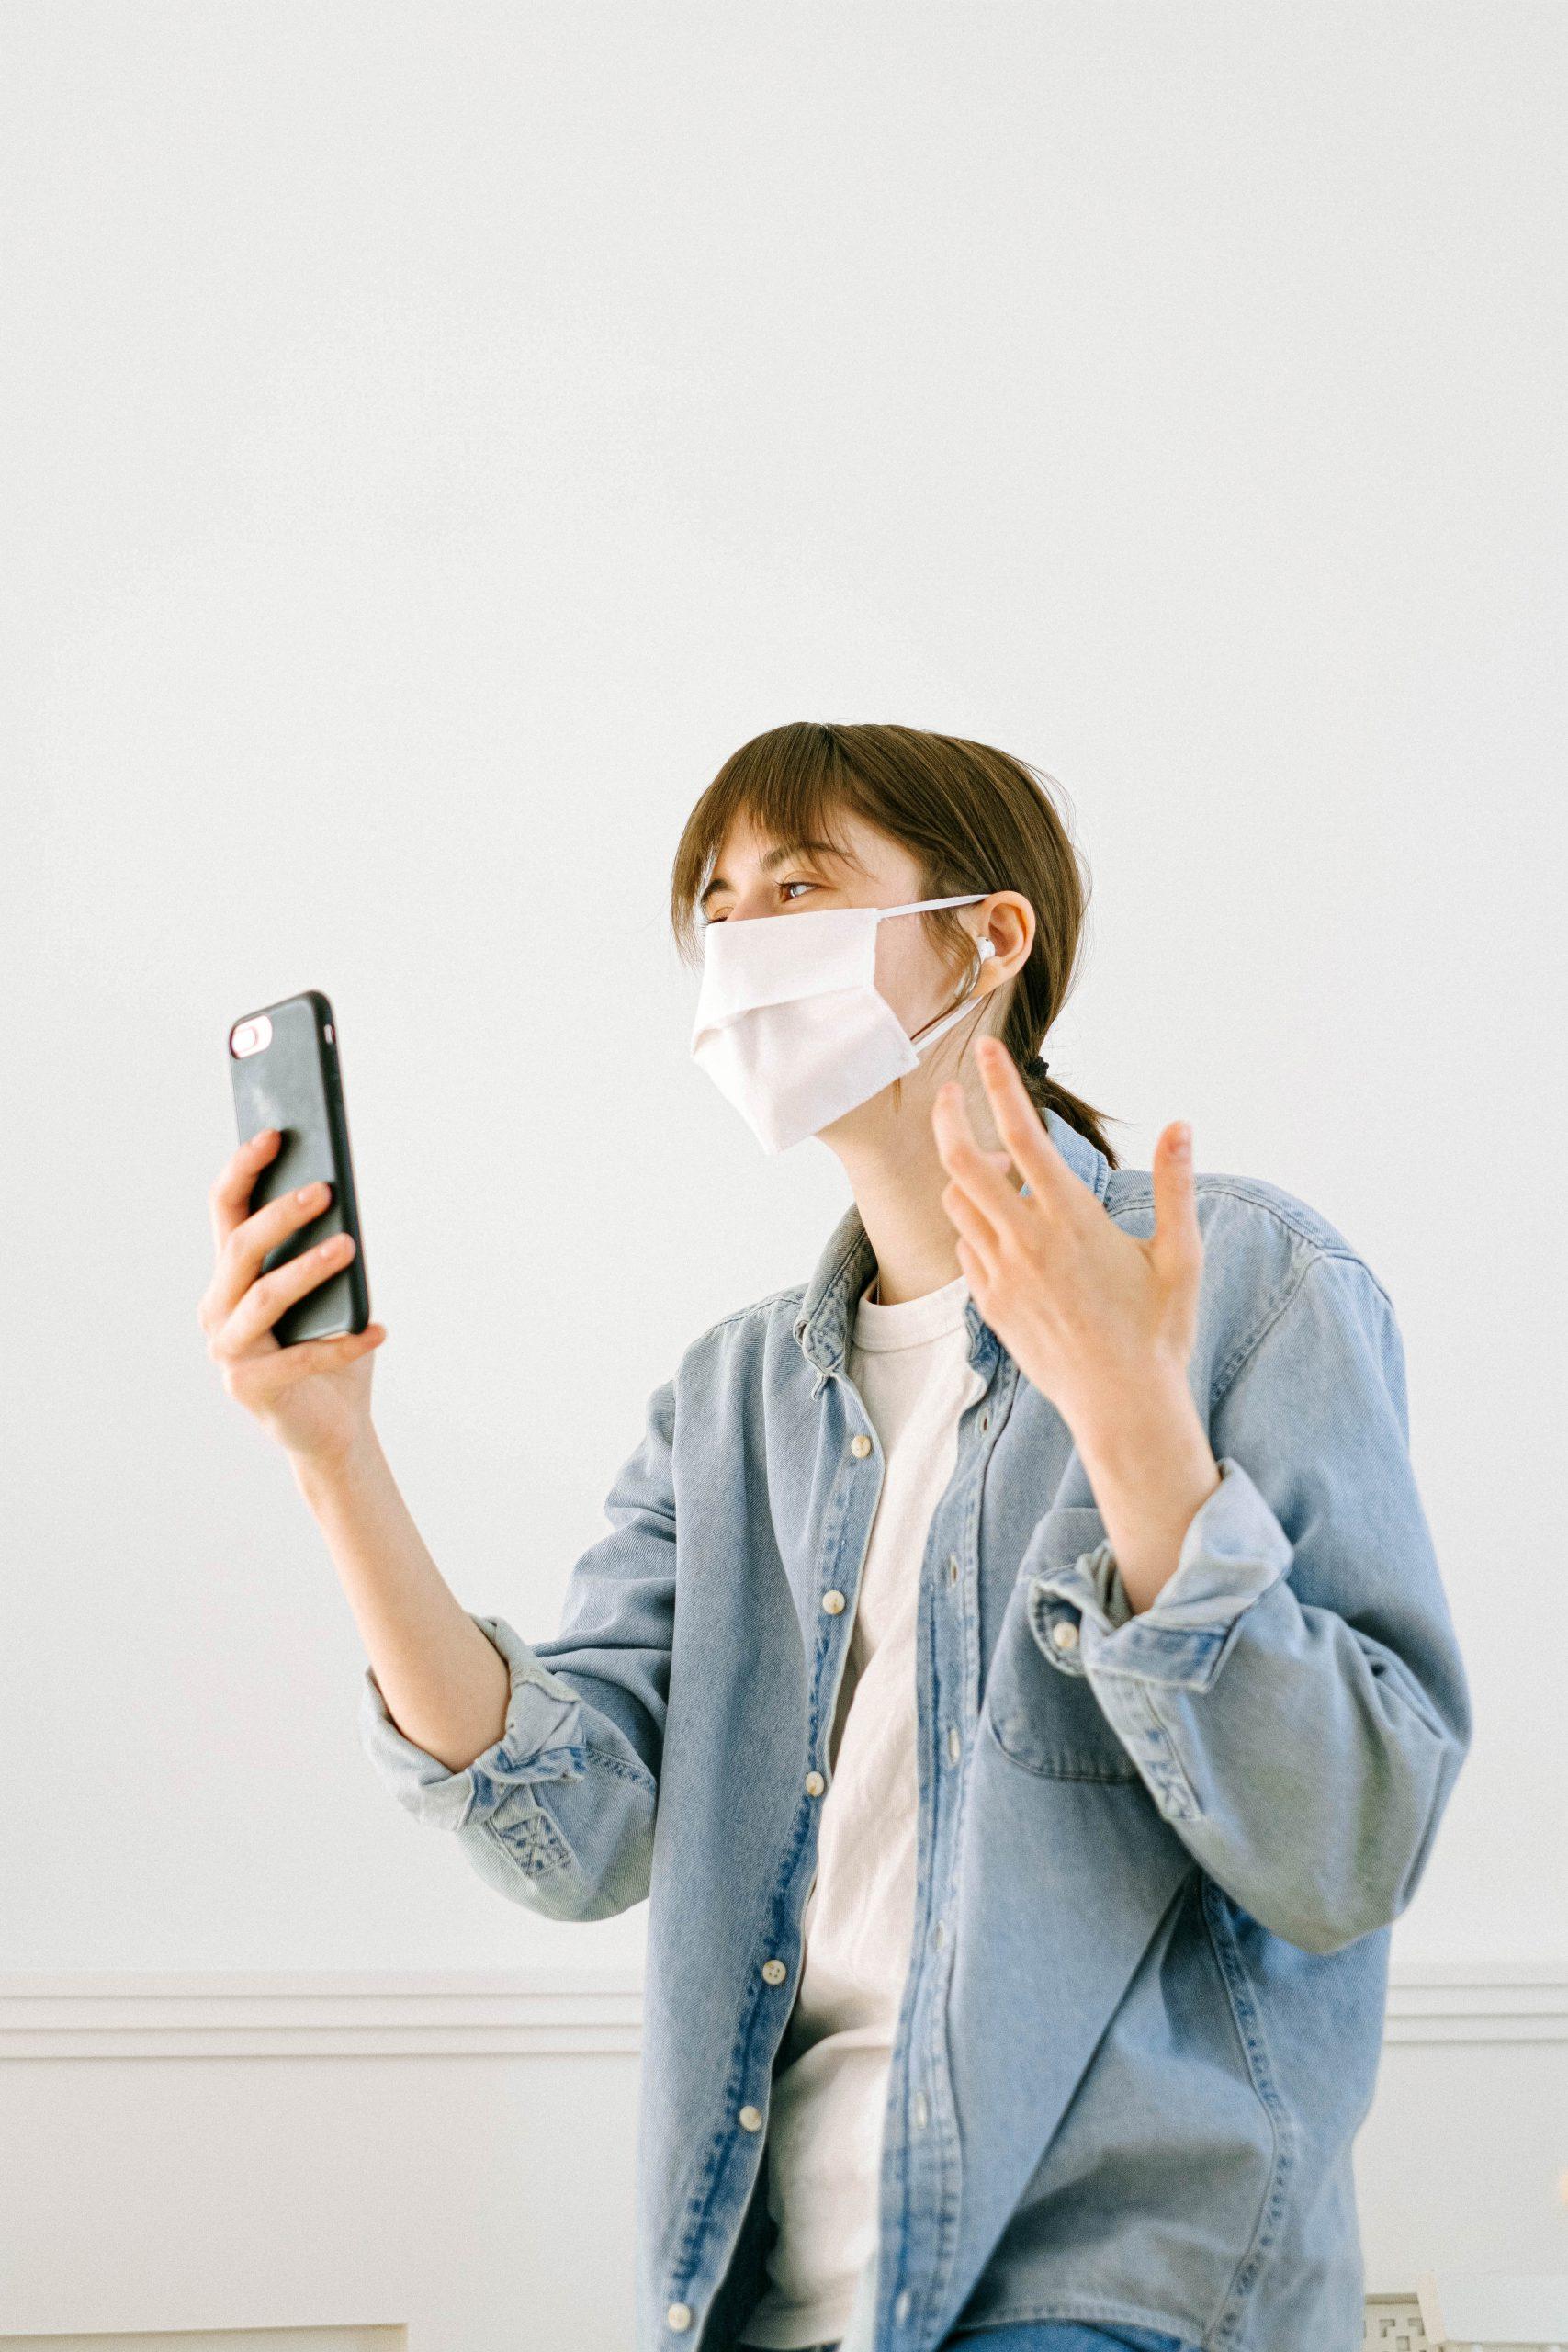 iPhone met een mondkapje